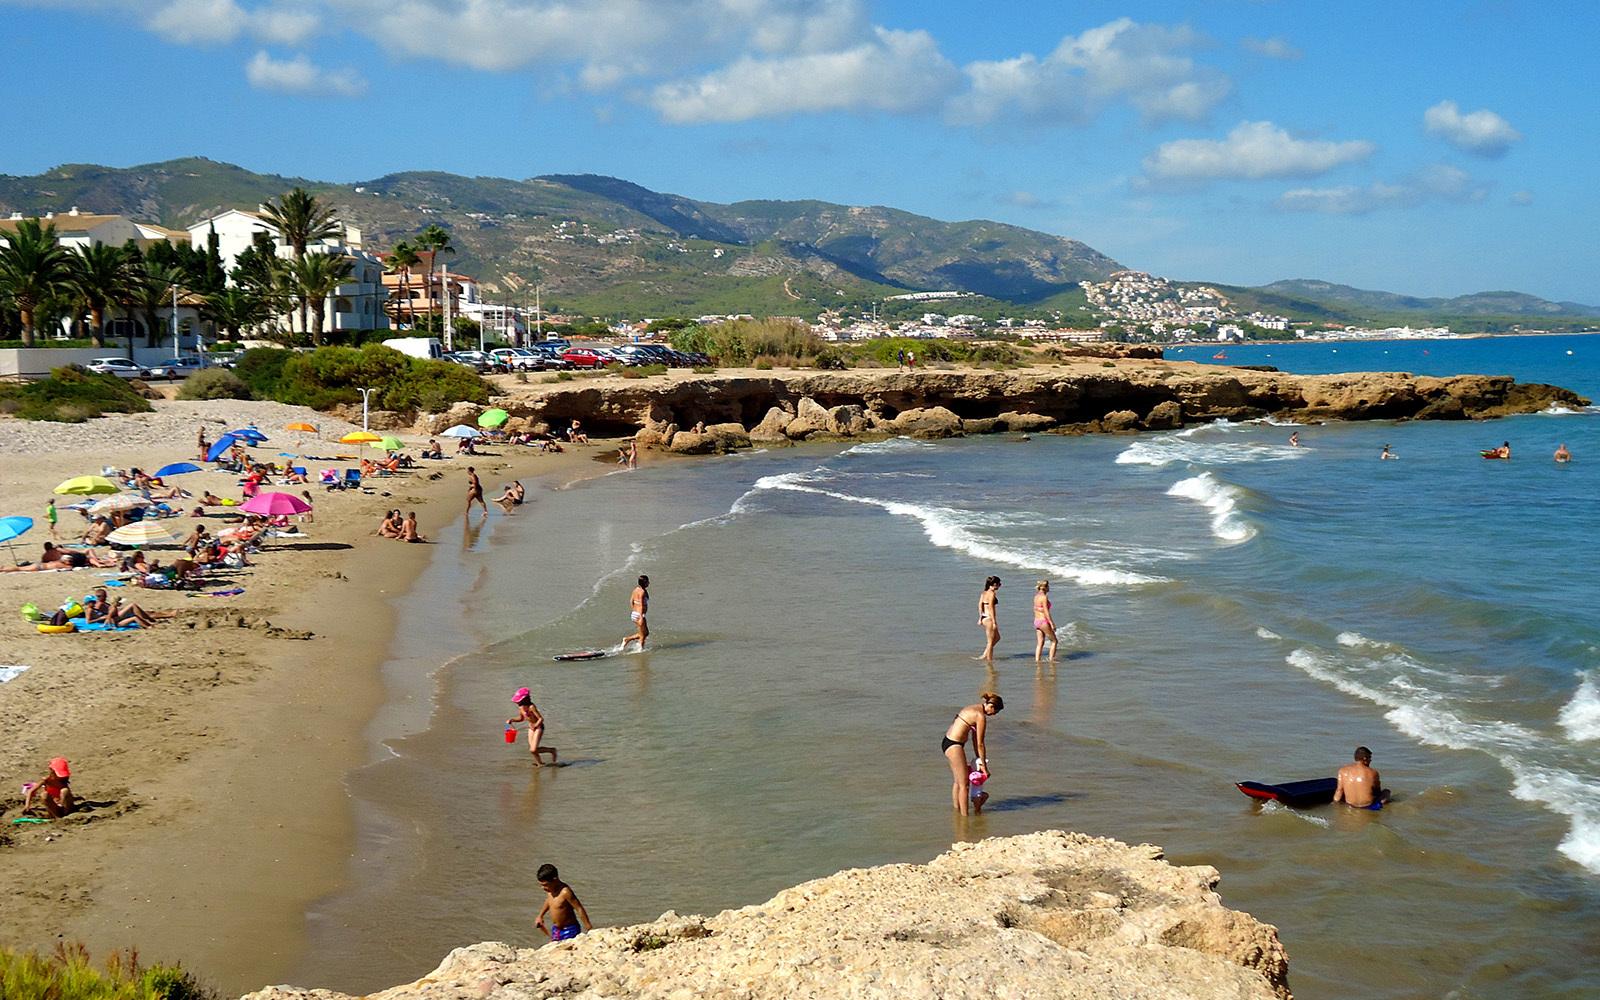 La playa de Alcossebre recibe miles de turistas en verano.